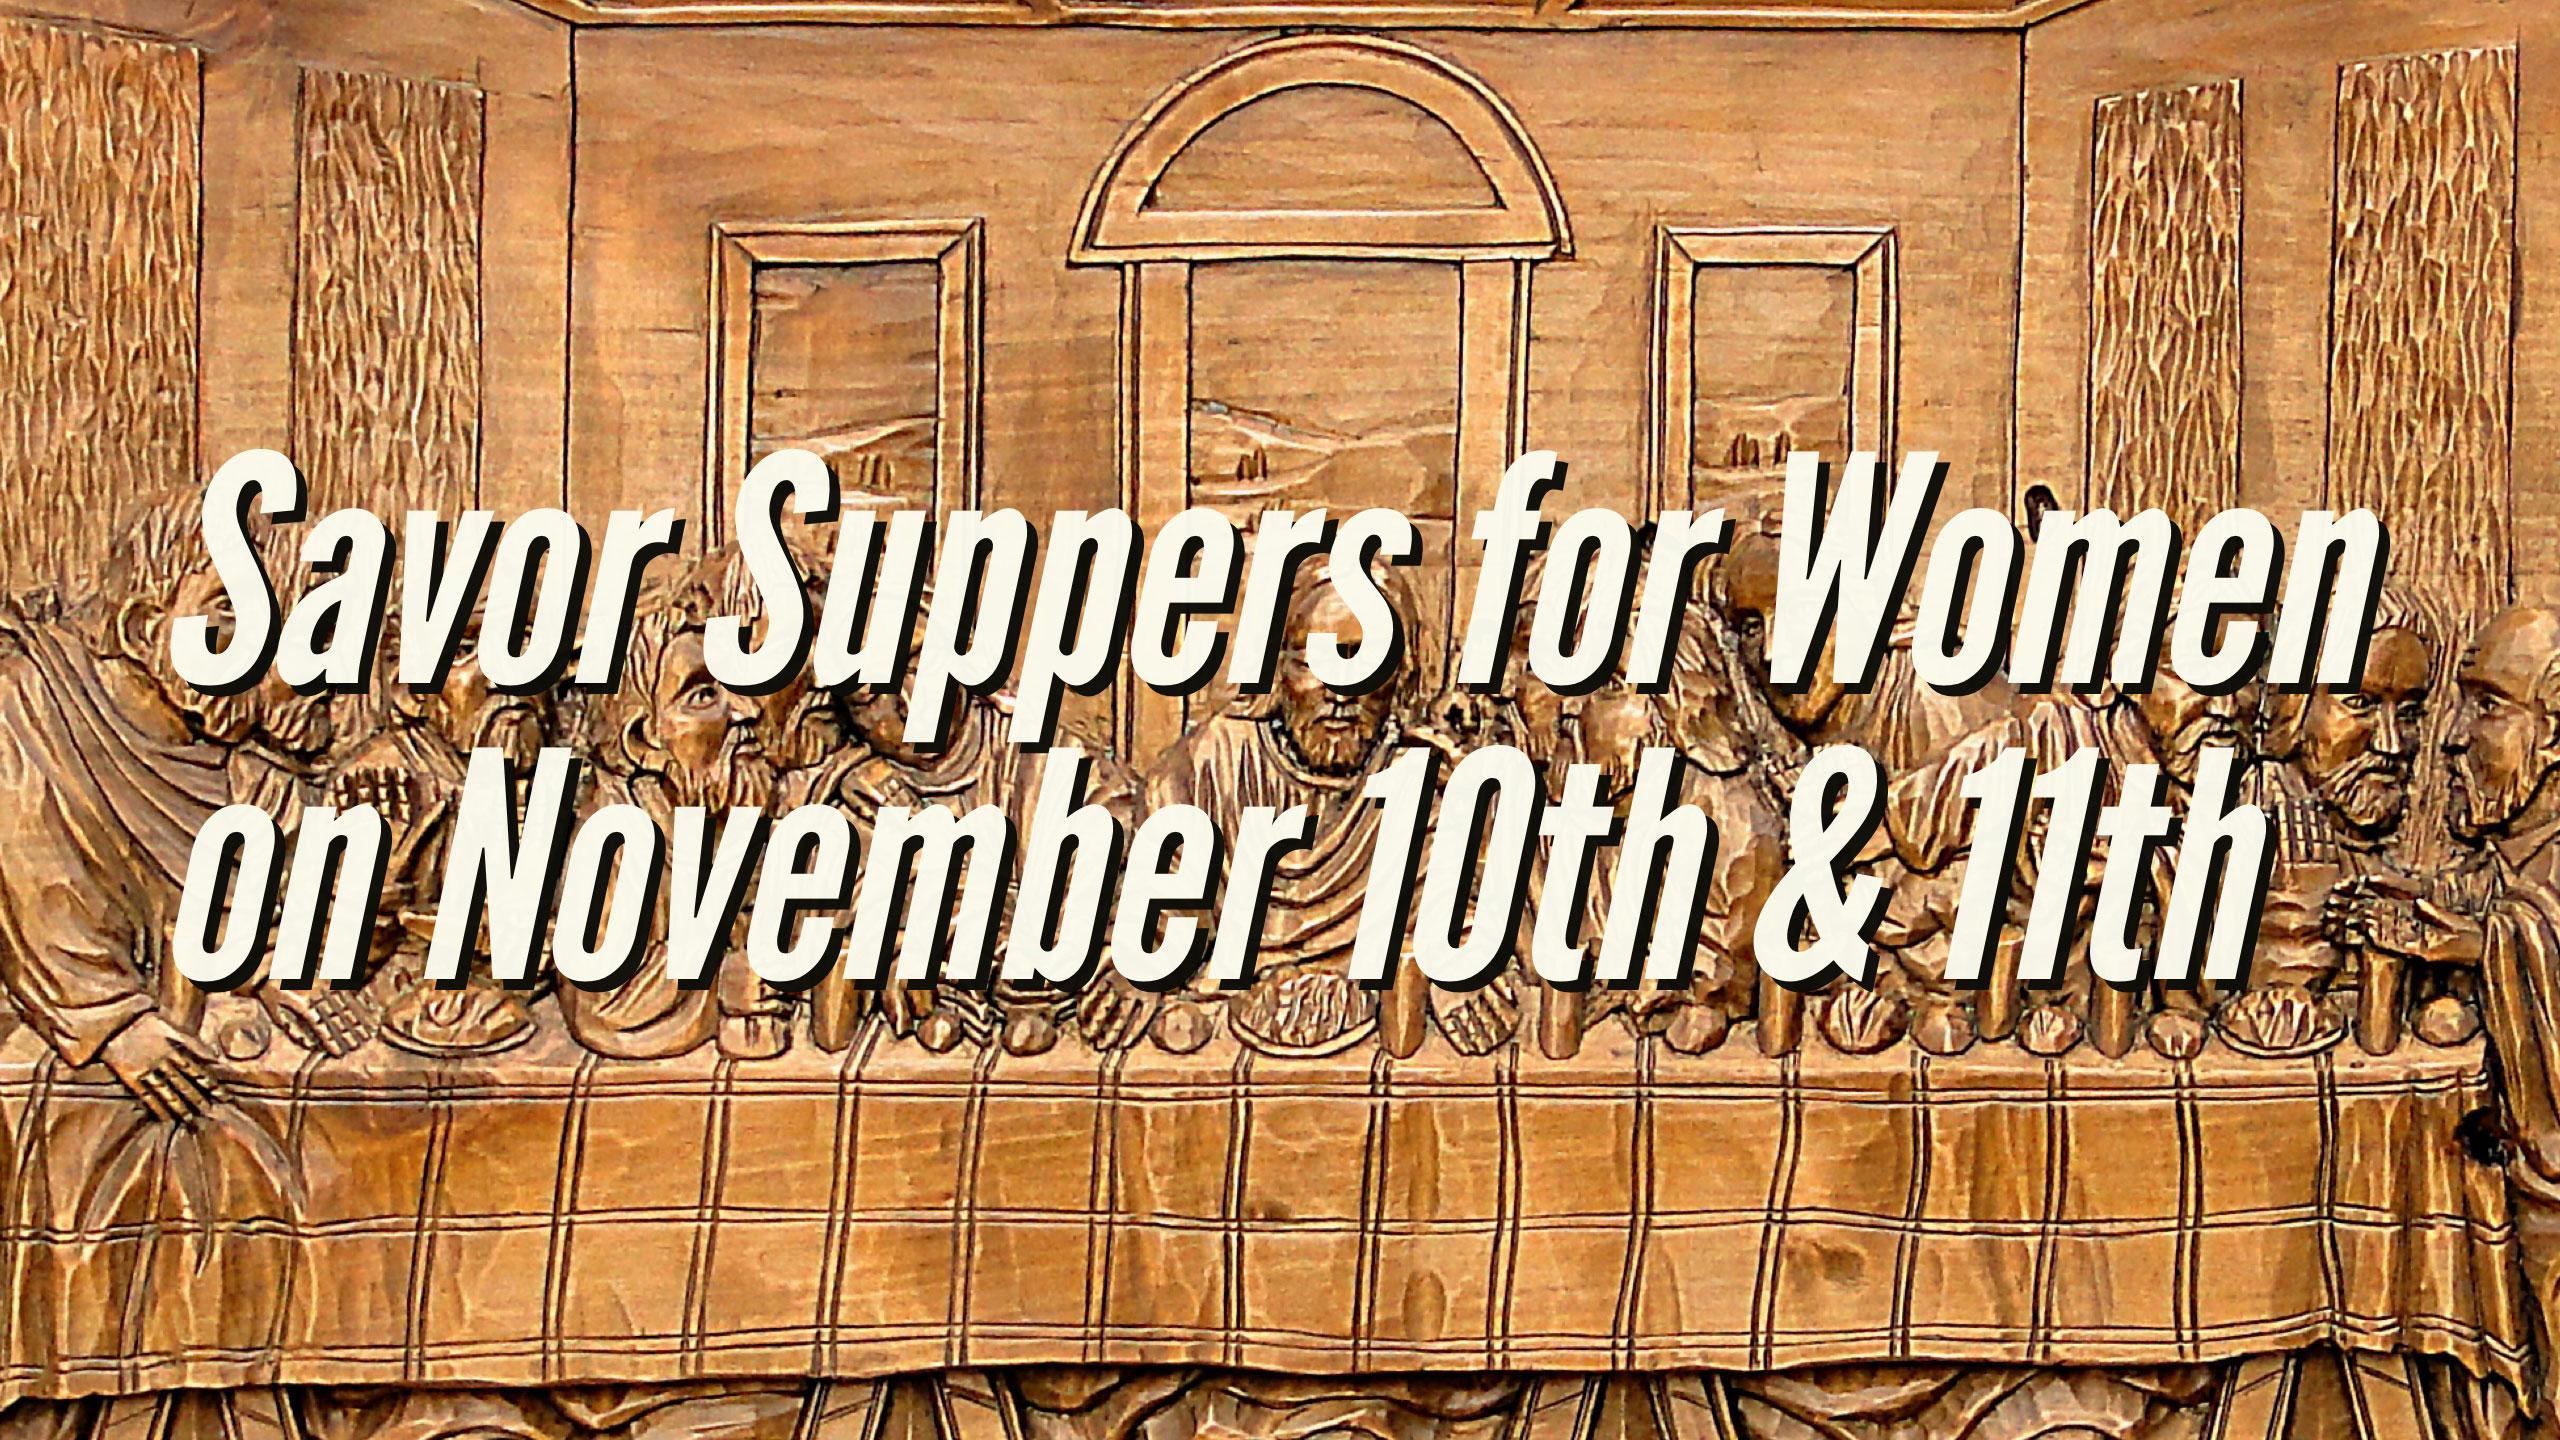 Savor supper for women November